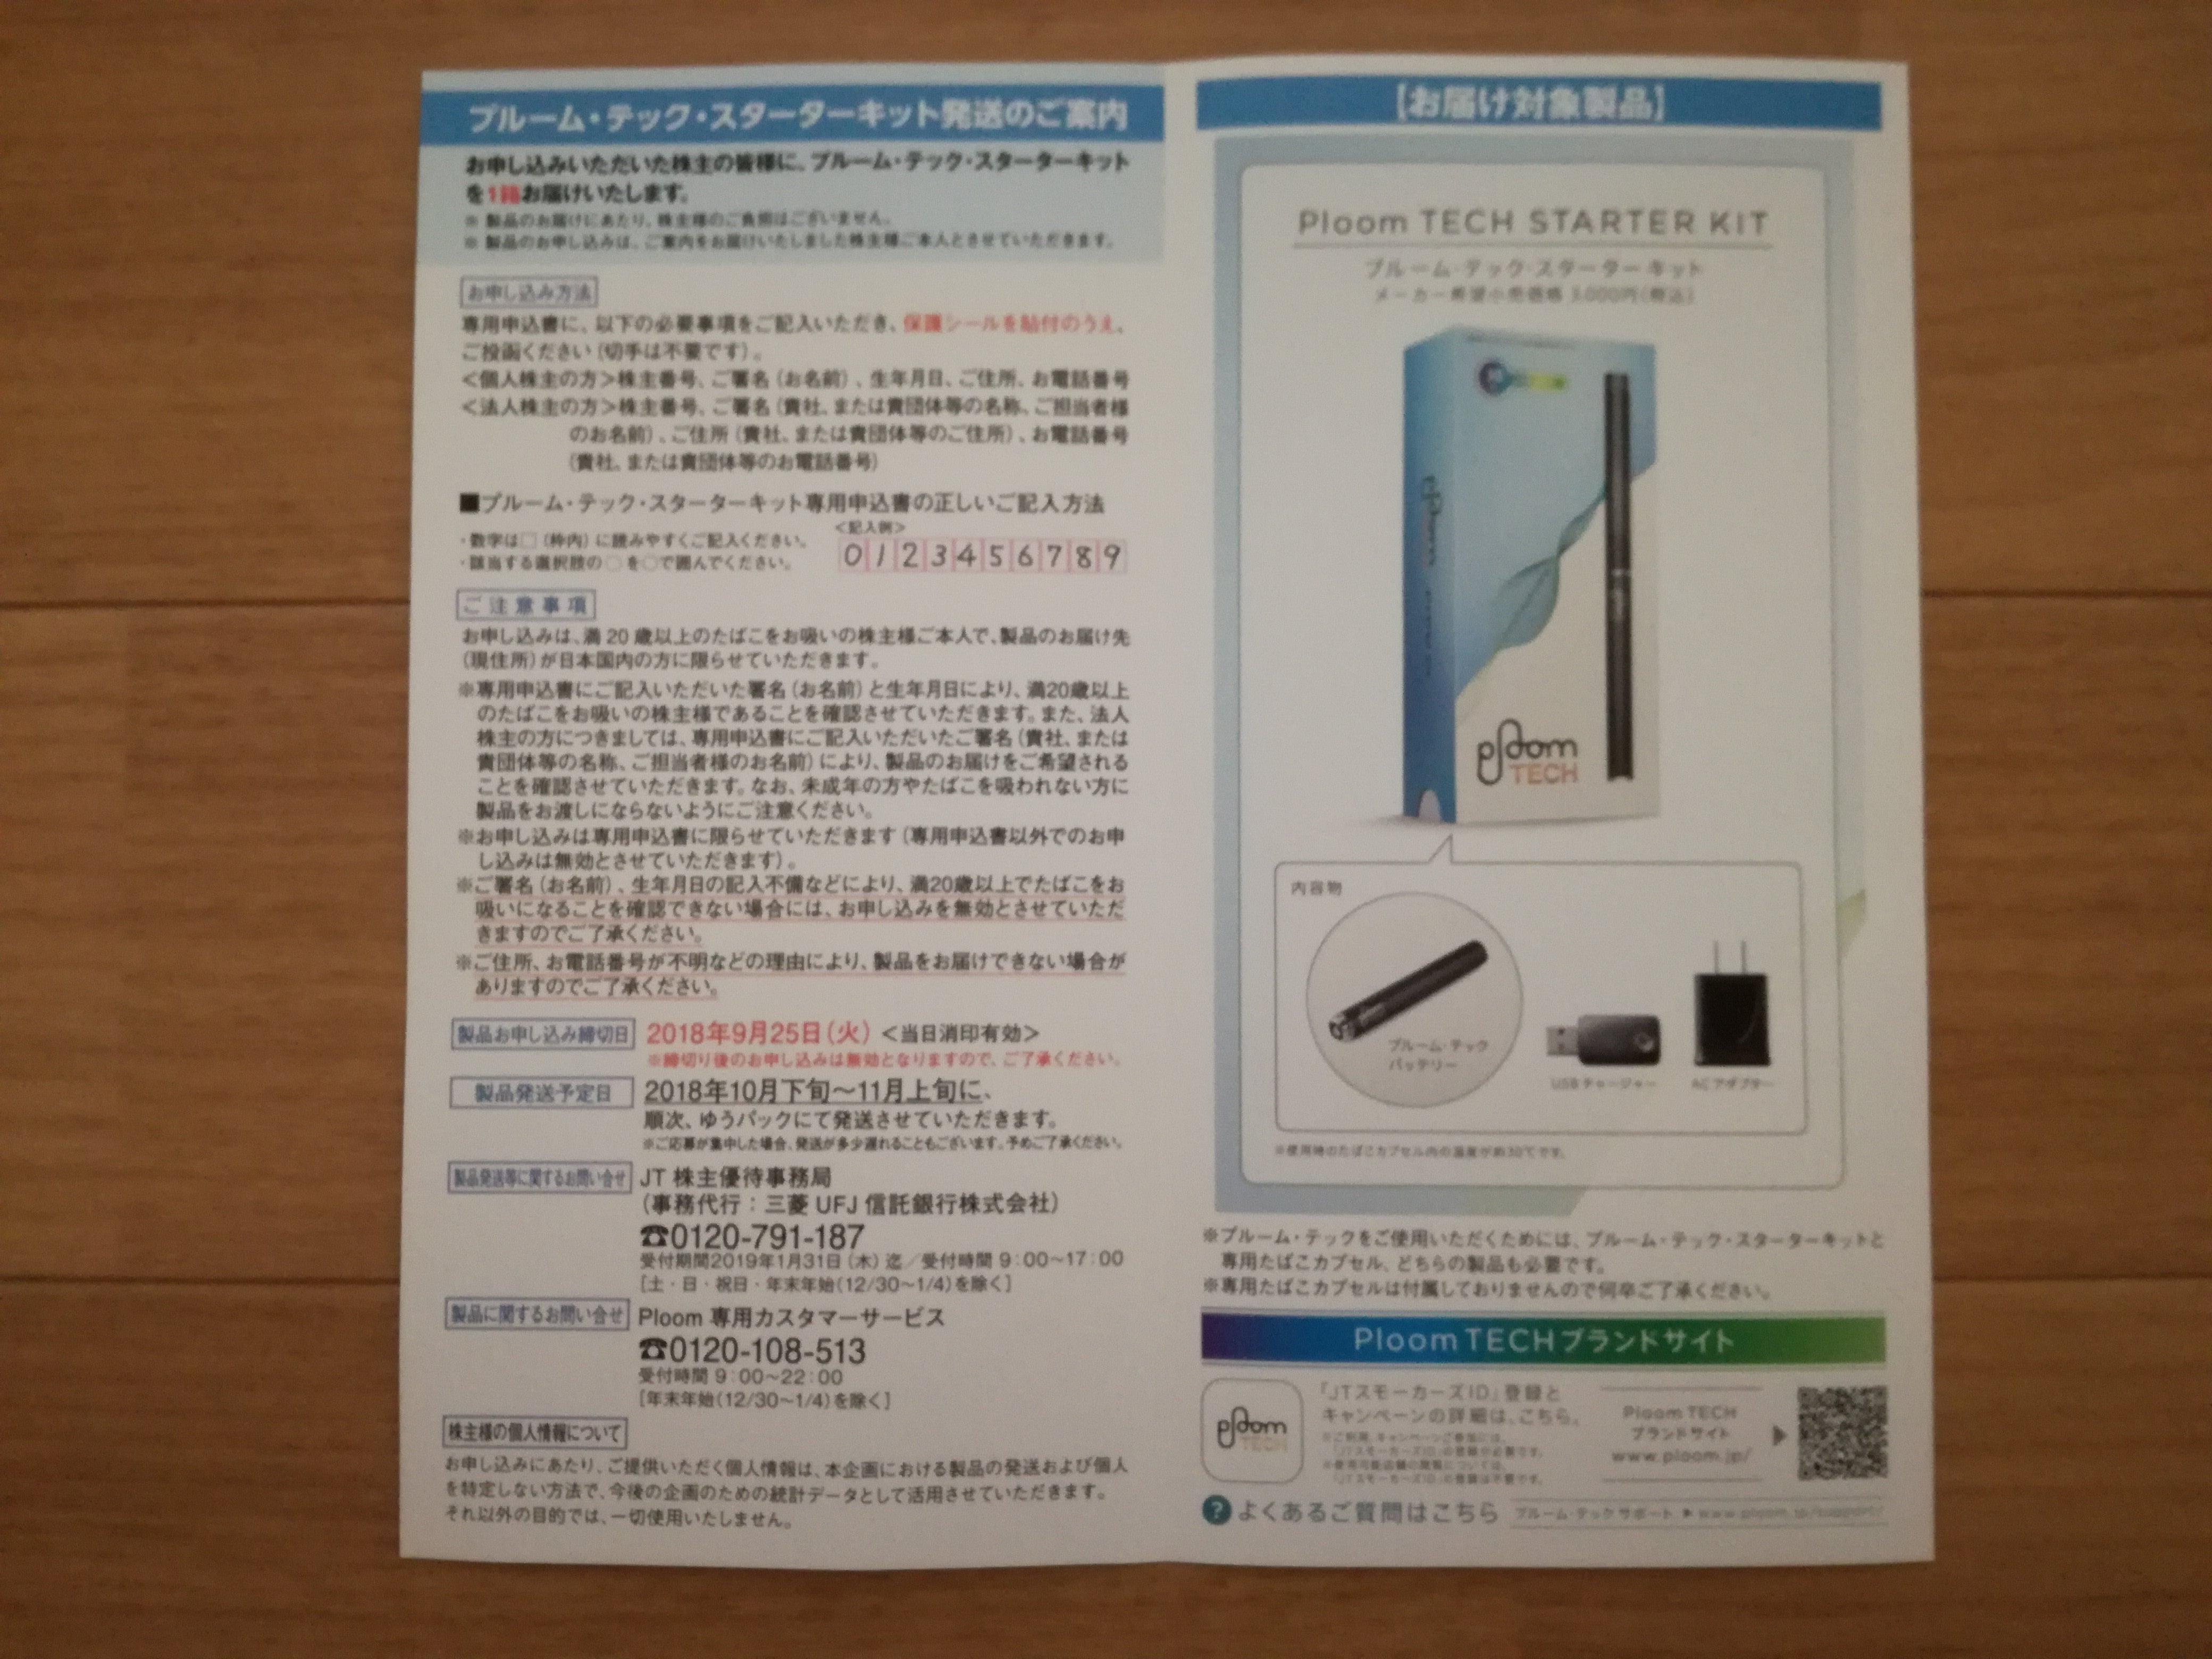 含み損を抱える日本たばこ産業/JT(2914)から隠れ優待?のプルーム・テック・スターターキットの案内が届きました!